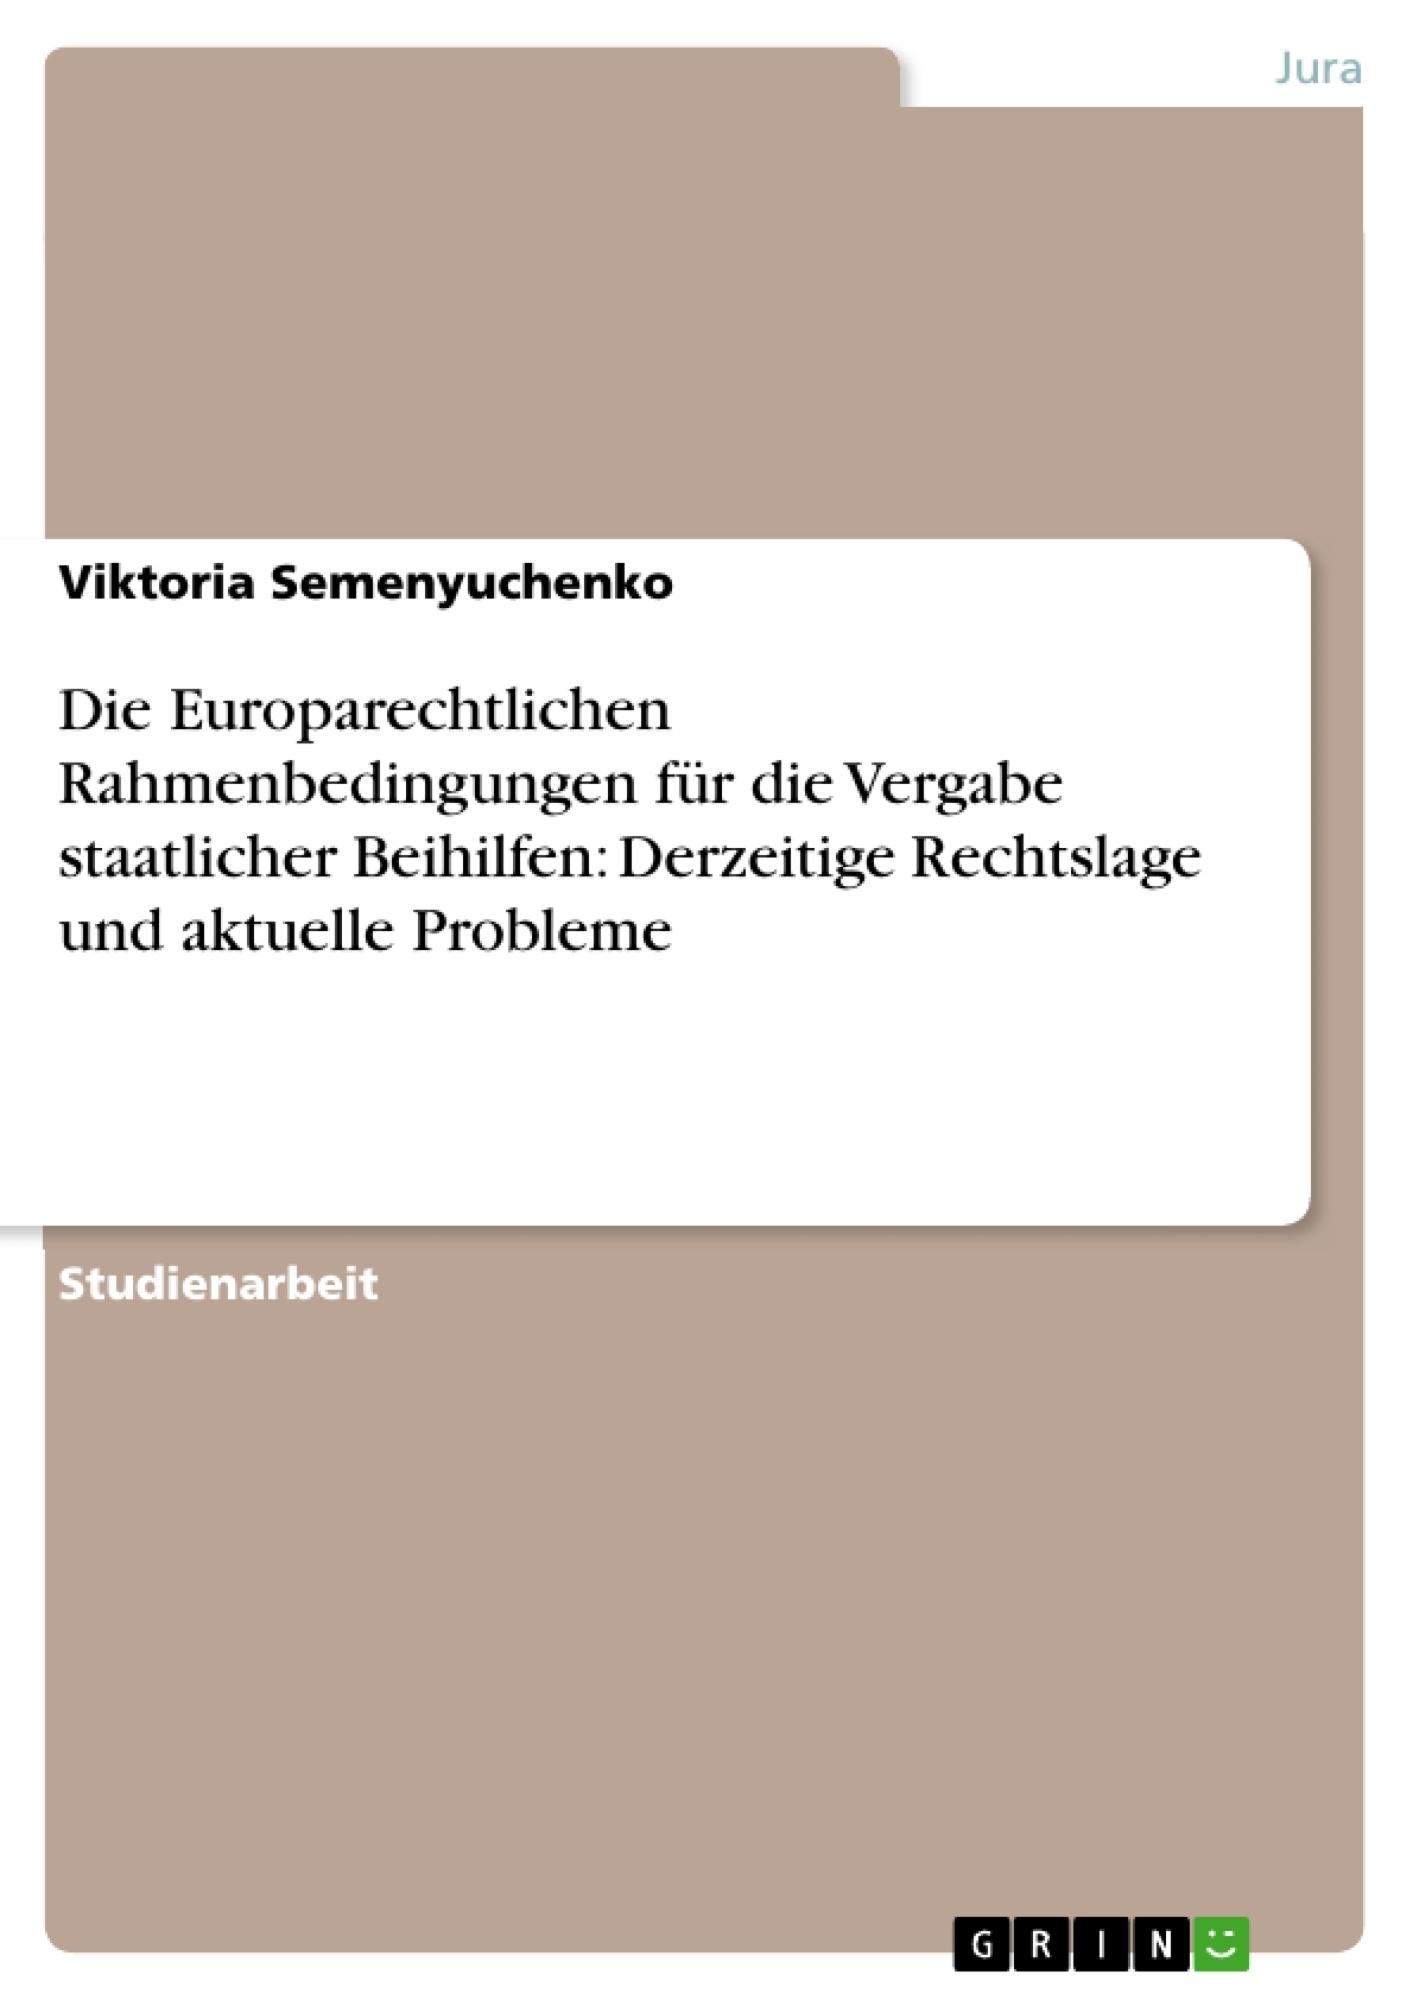 Titel: Die Europarechtlichen Rahmenbedingungen für die Vergabe staatlicher Beihilfen: Derzeitige Rechtslage und aktuelle Probleme